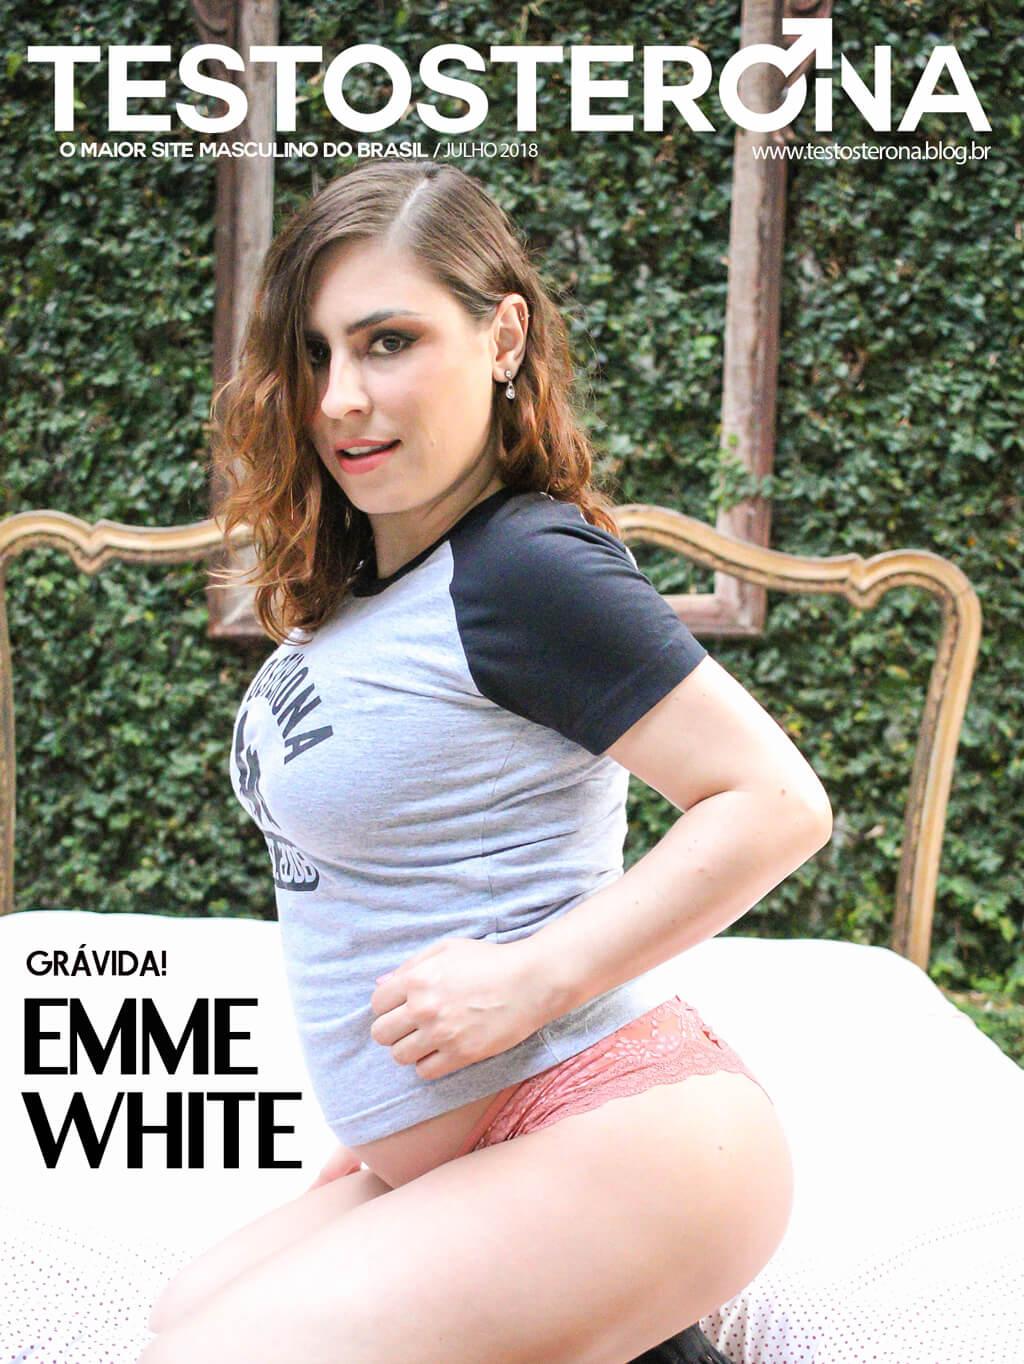 Emme White